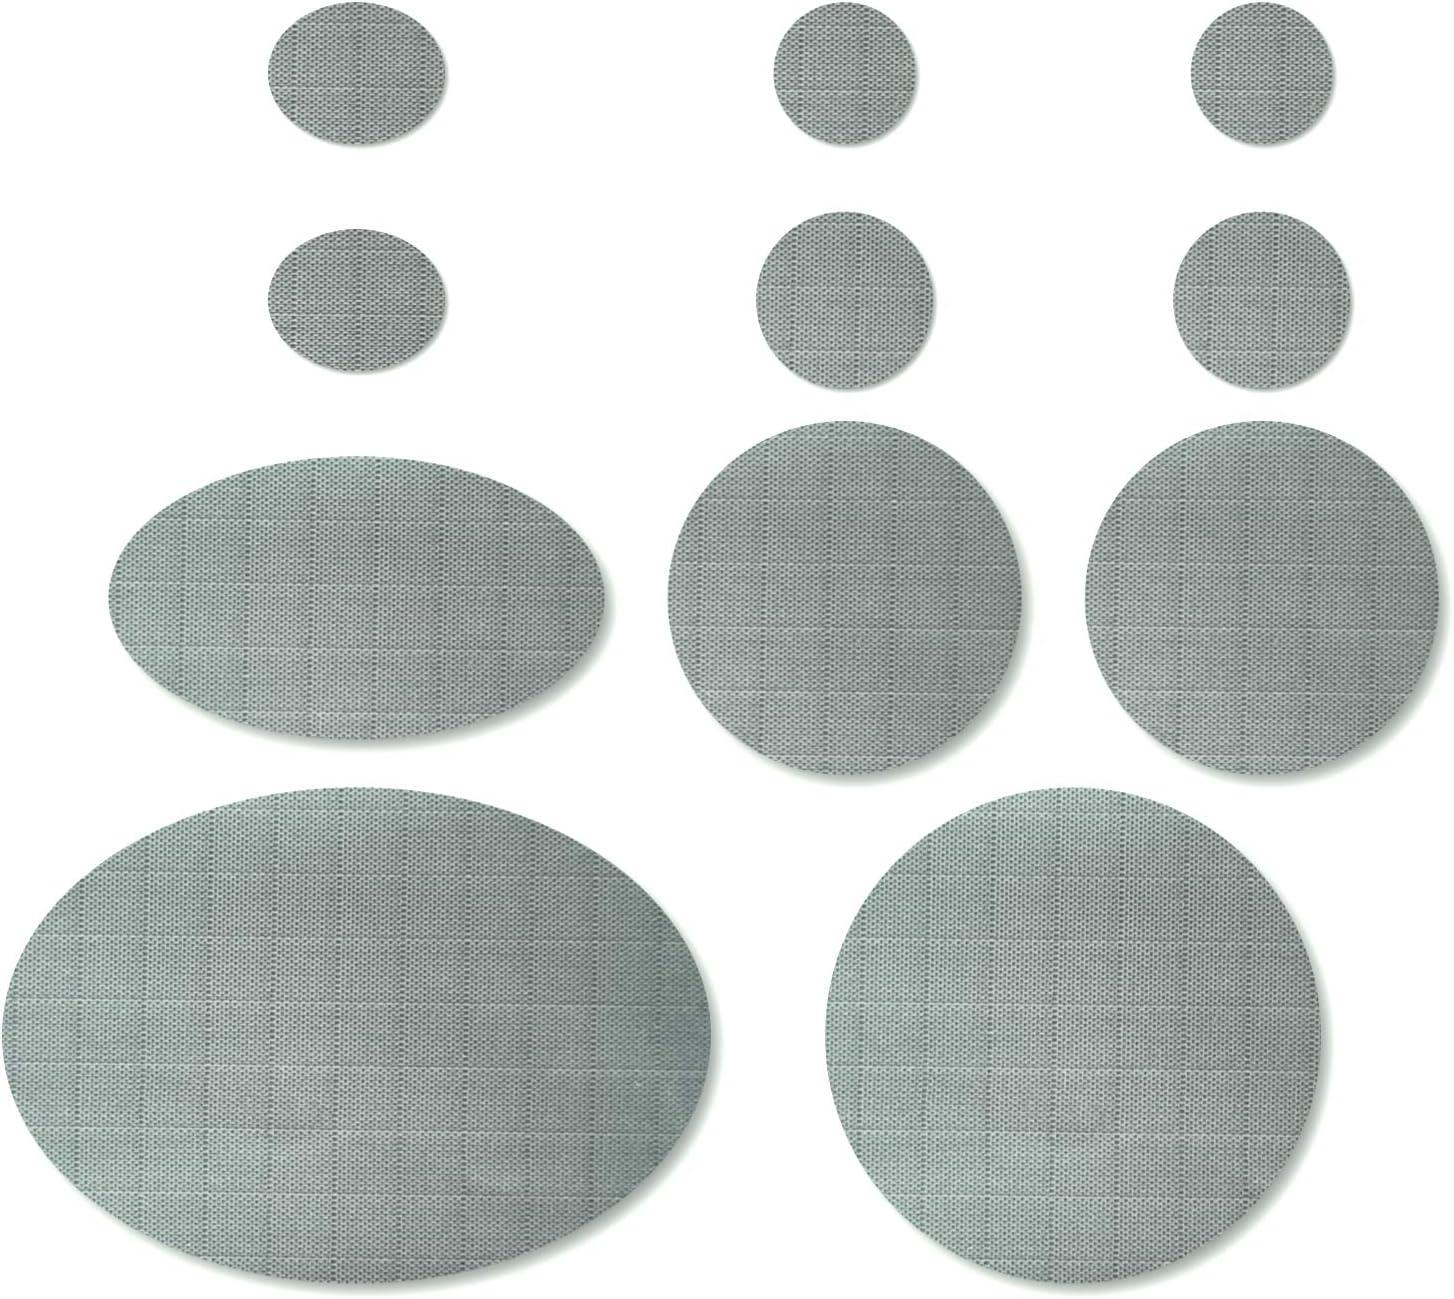 4 x 8 Pouces 8 Feuilles Patch de R/éparation de Doudoune Patchs en Tissu Auto-Adh/ésifs Kit de Patch de R/éparation Lavable pour Sacs V/êtements noir